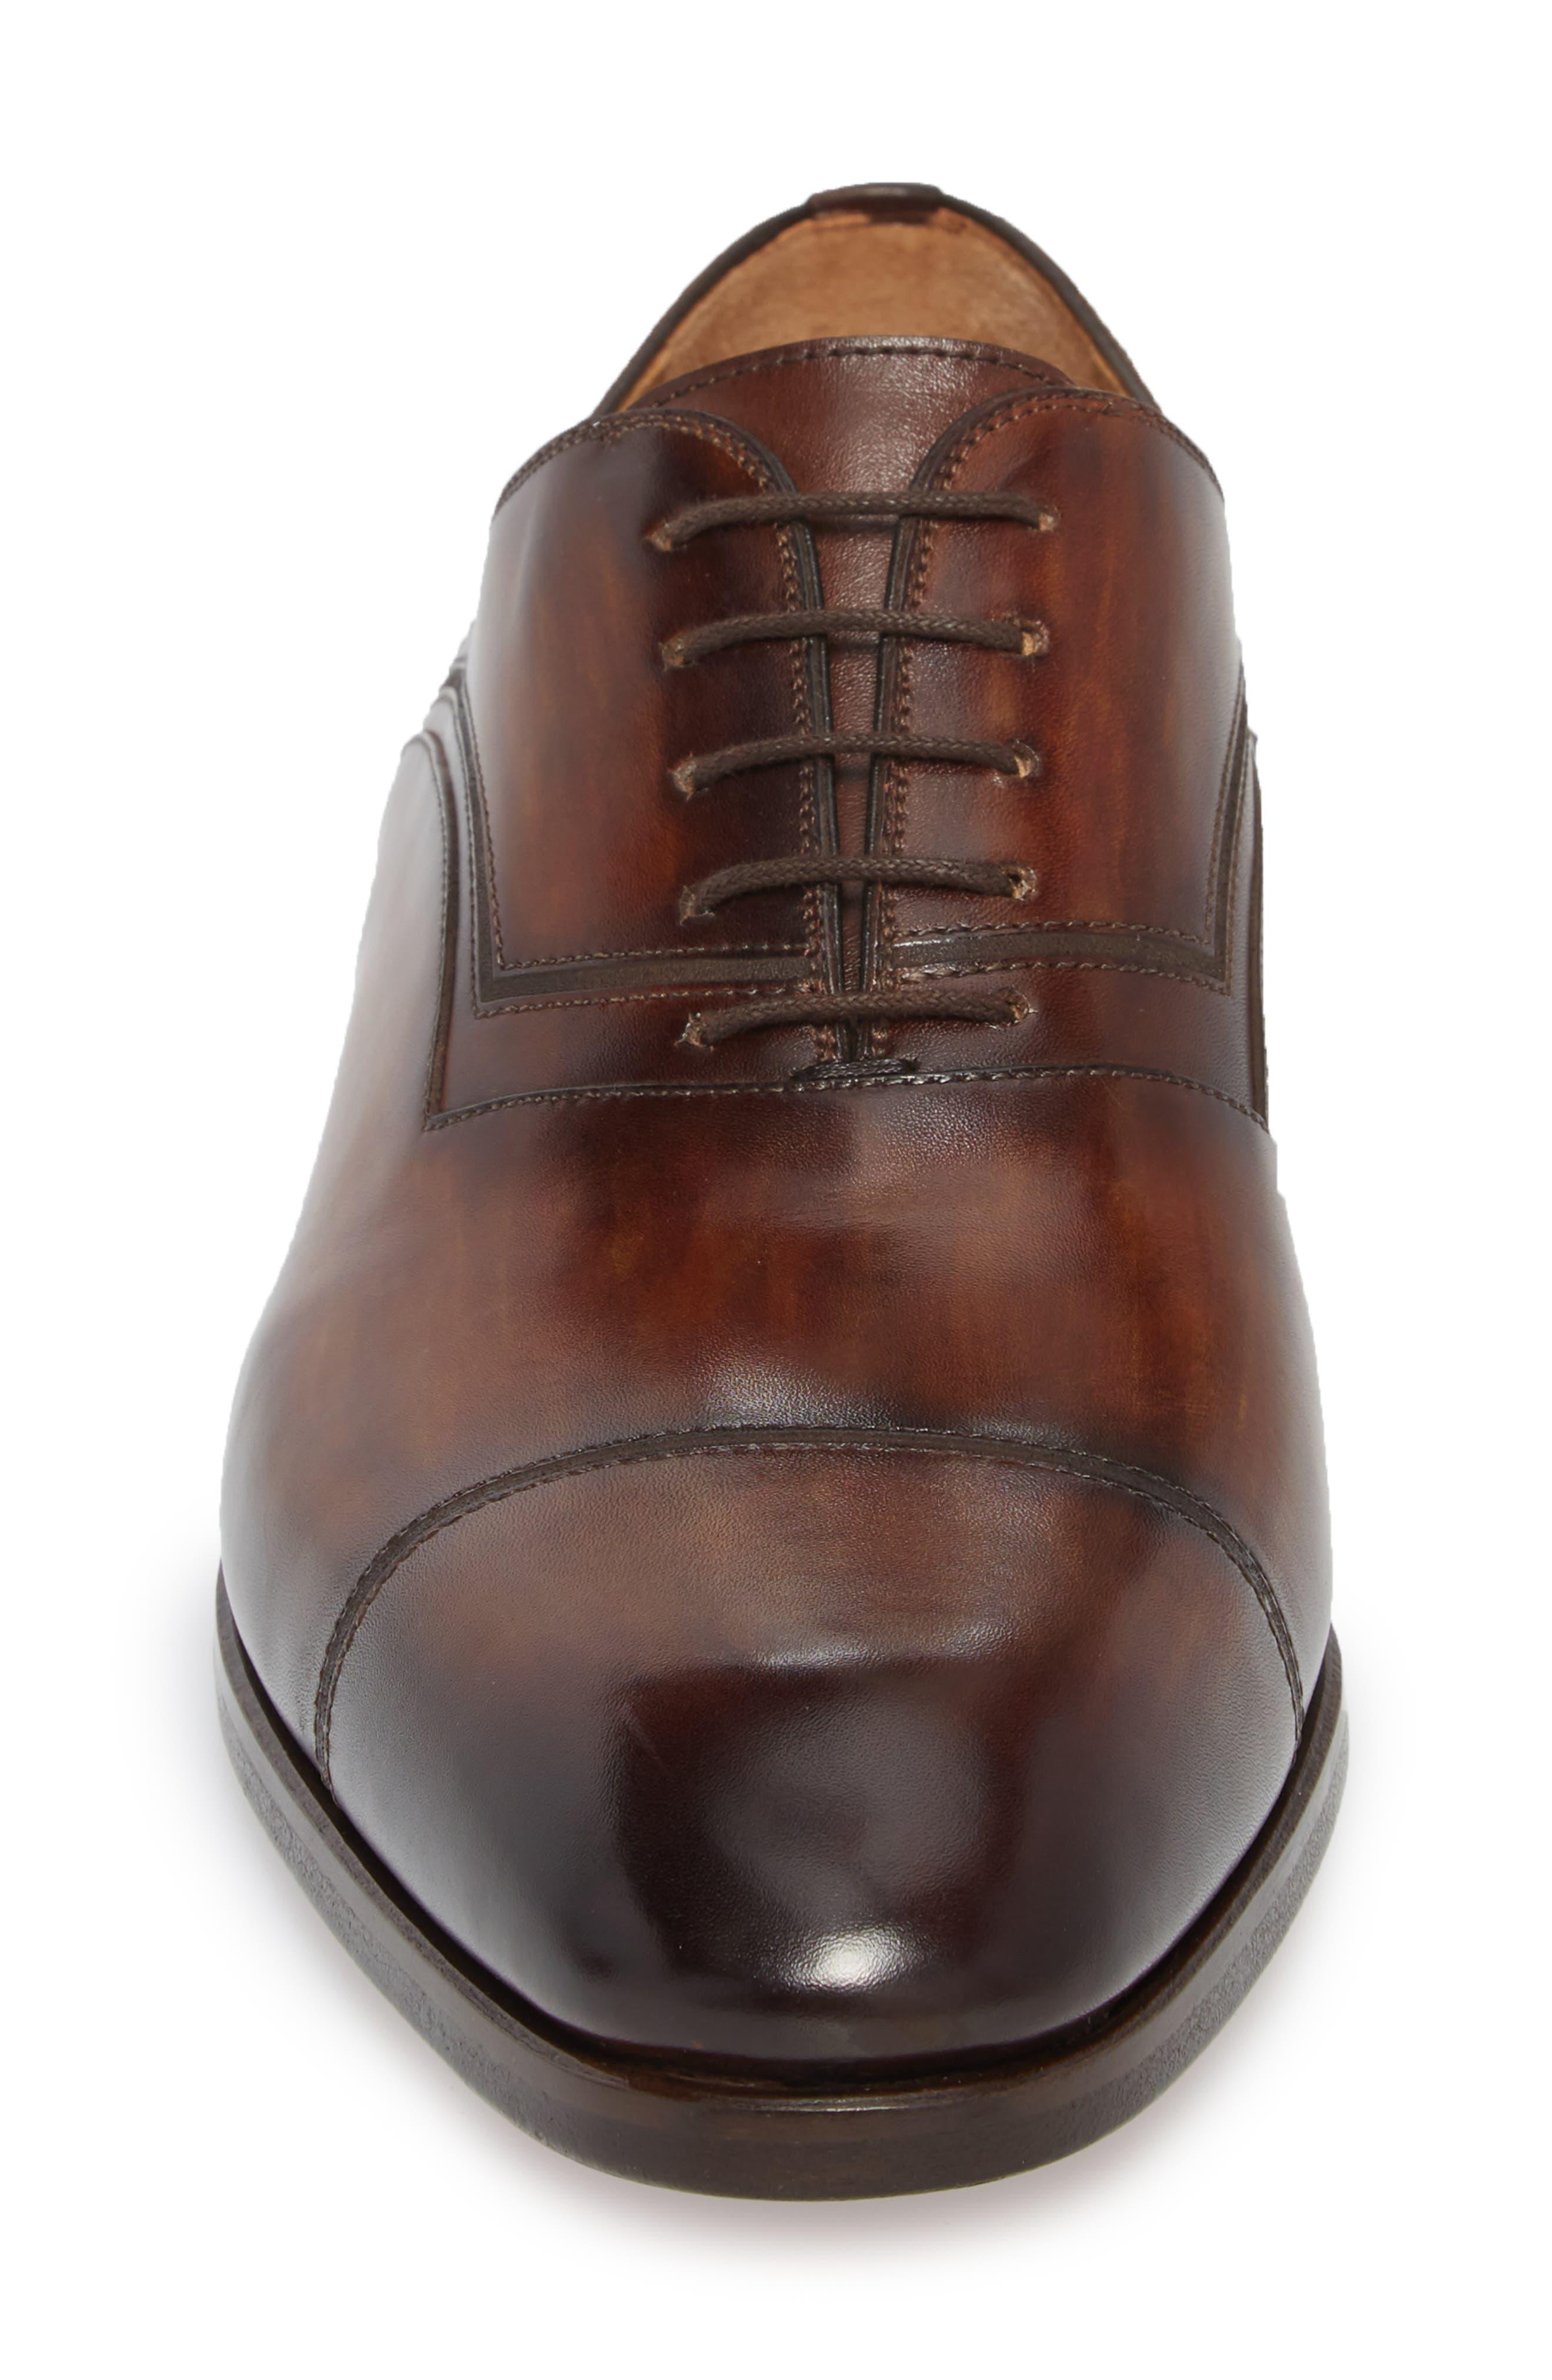 Cadiz Whole Cut Shoe,                             Alternate thumbnail 4, color,                             TOBACCO LEATHER